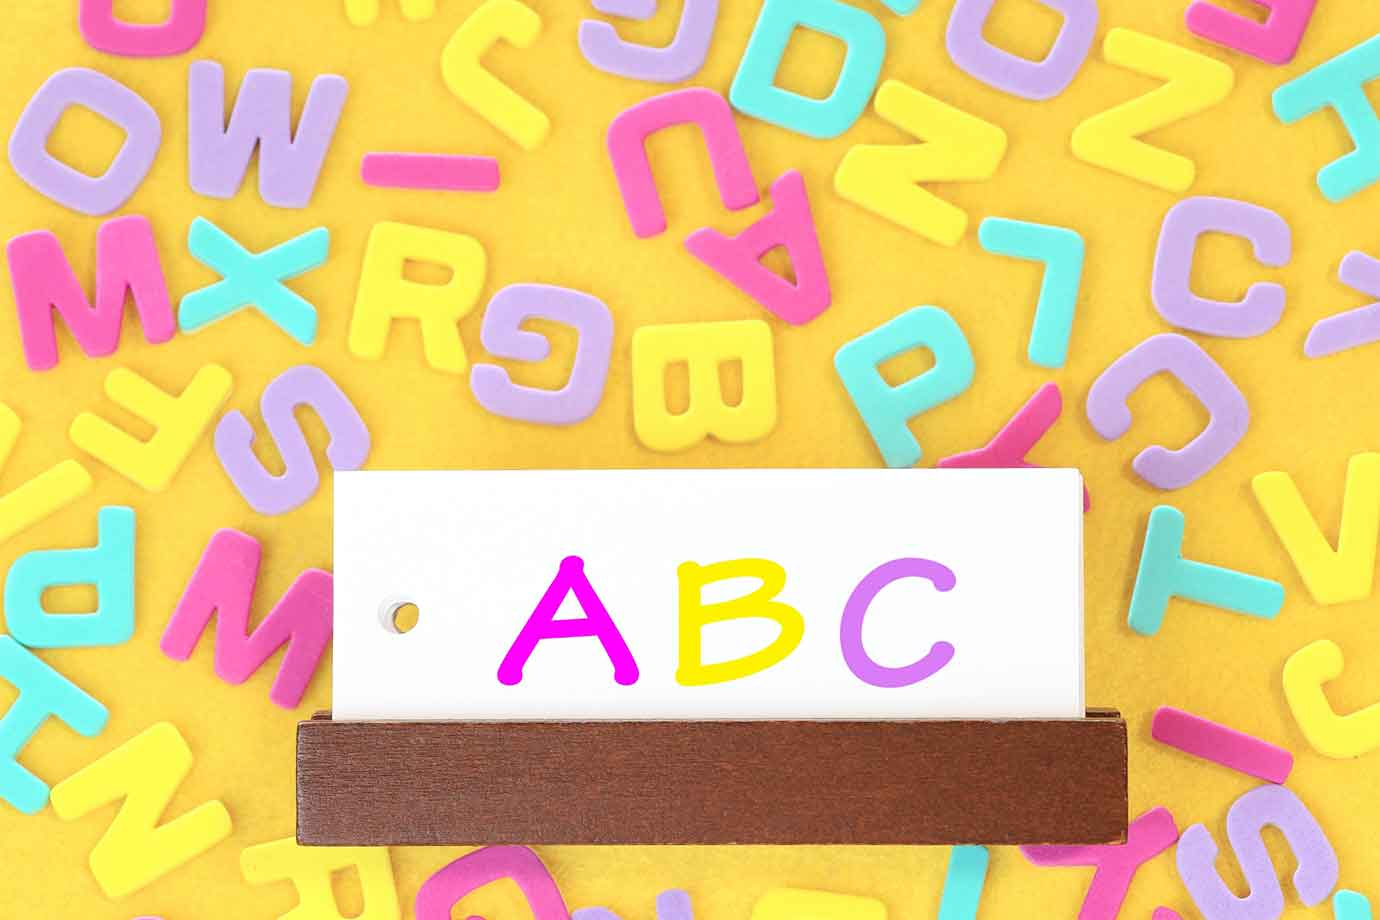 ネイティブ英語に慣れるには、外国人講師の表情も含めて発音を真似すること